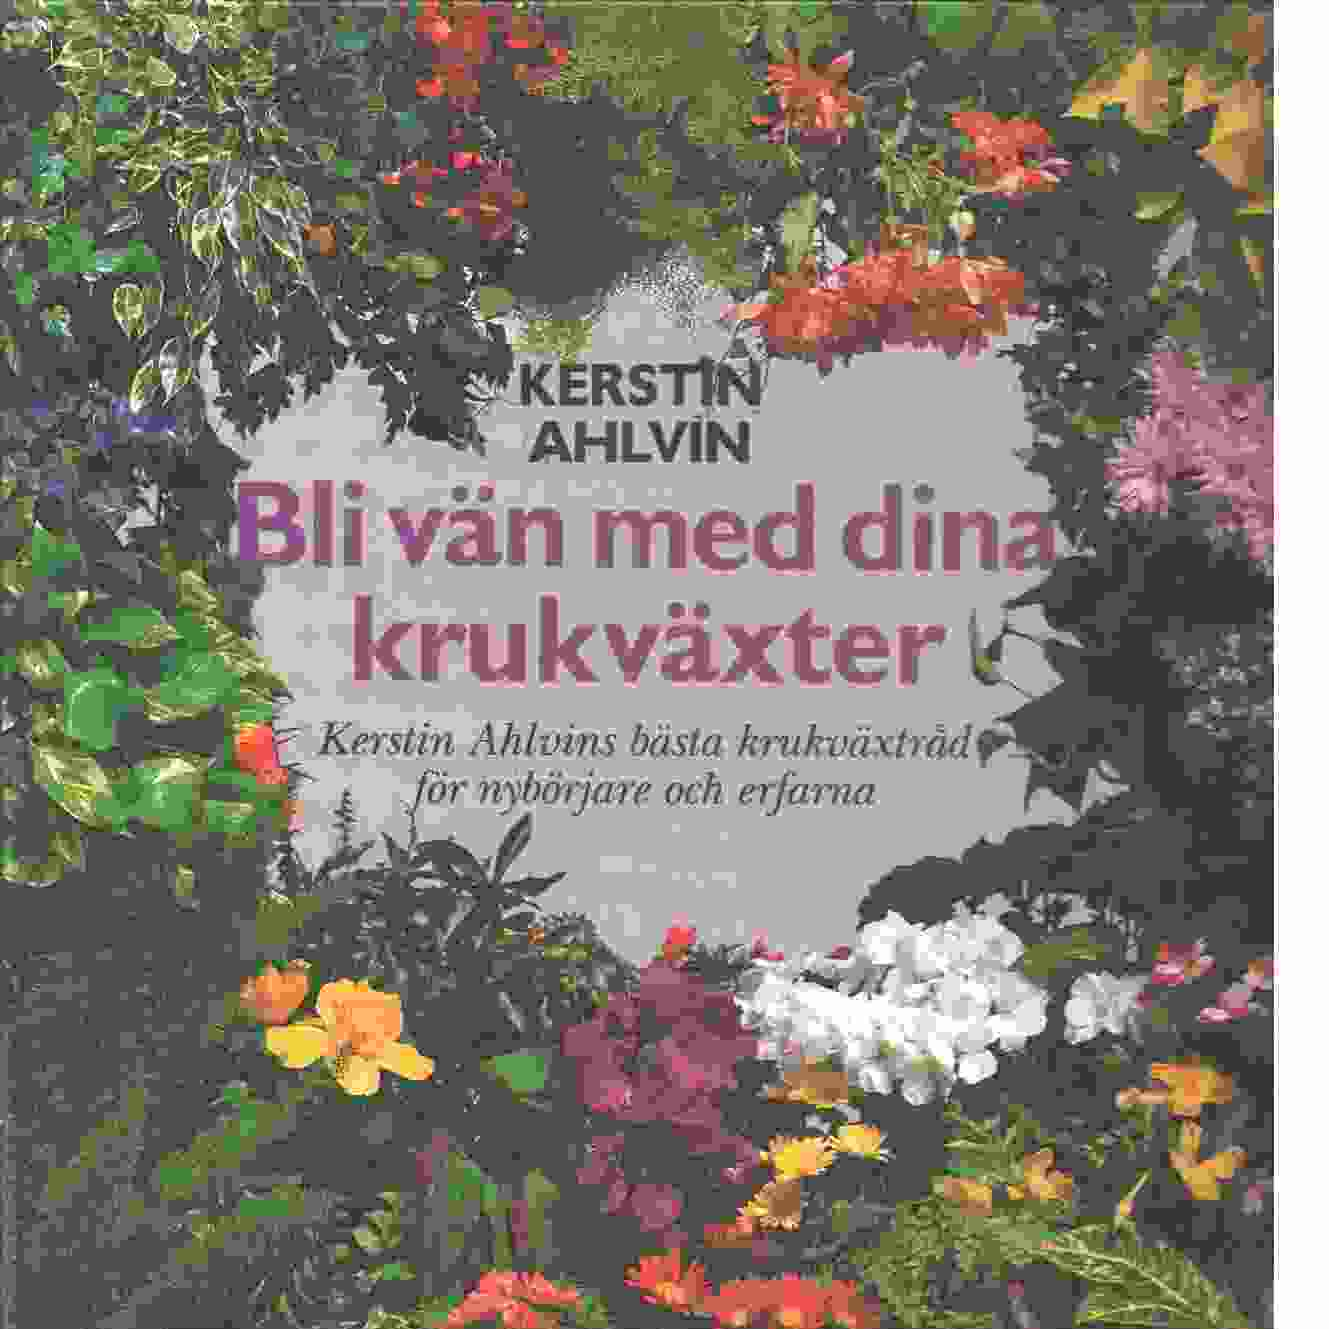 Bli vän med dina krukväxter - Ahlvin, Kerstin